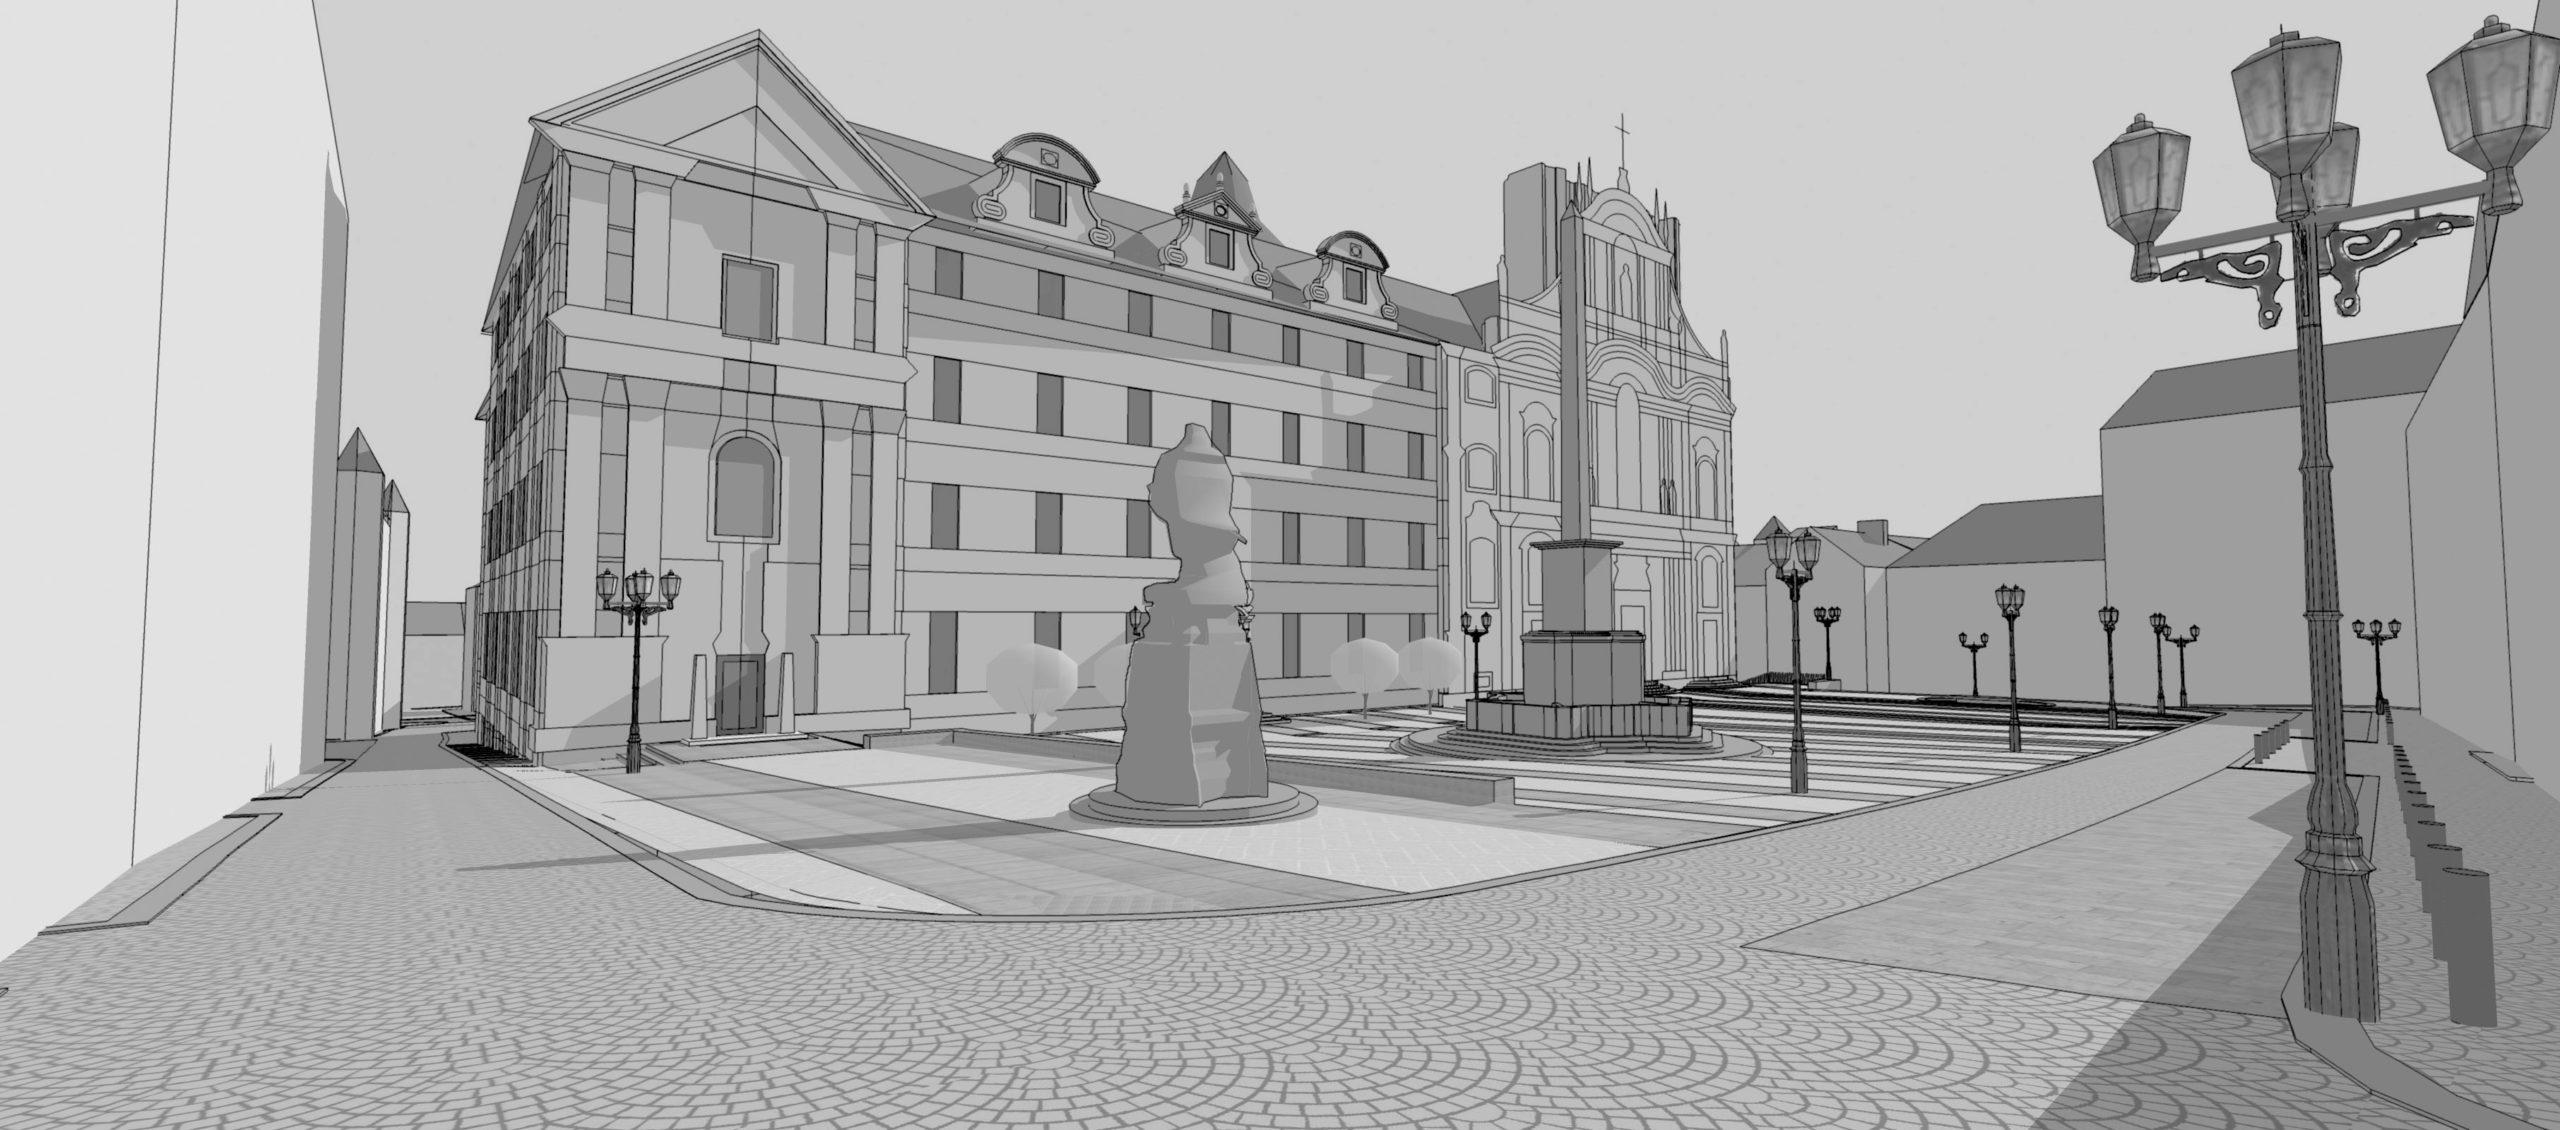 Soutěžní návrh revitalizace dolní ahorní části Malostranského náměstí, Praha 1